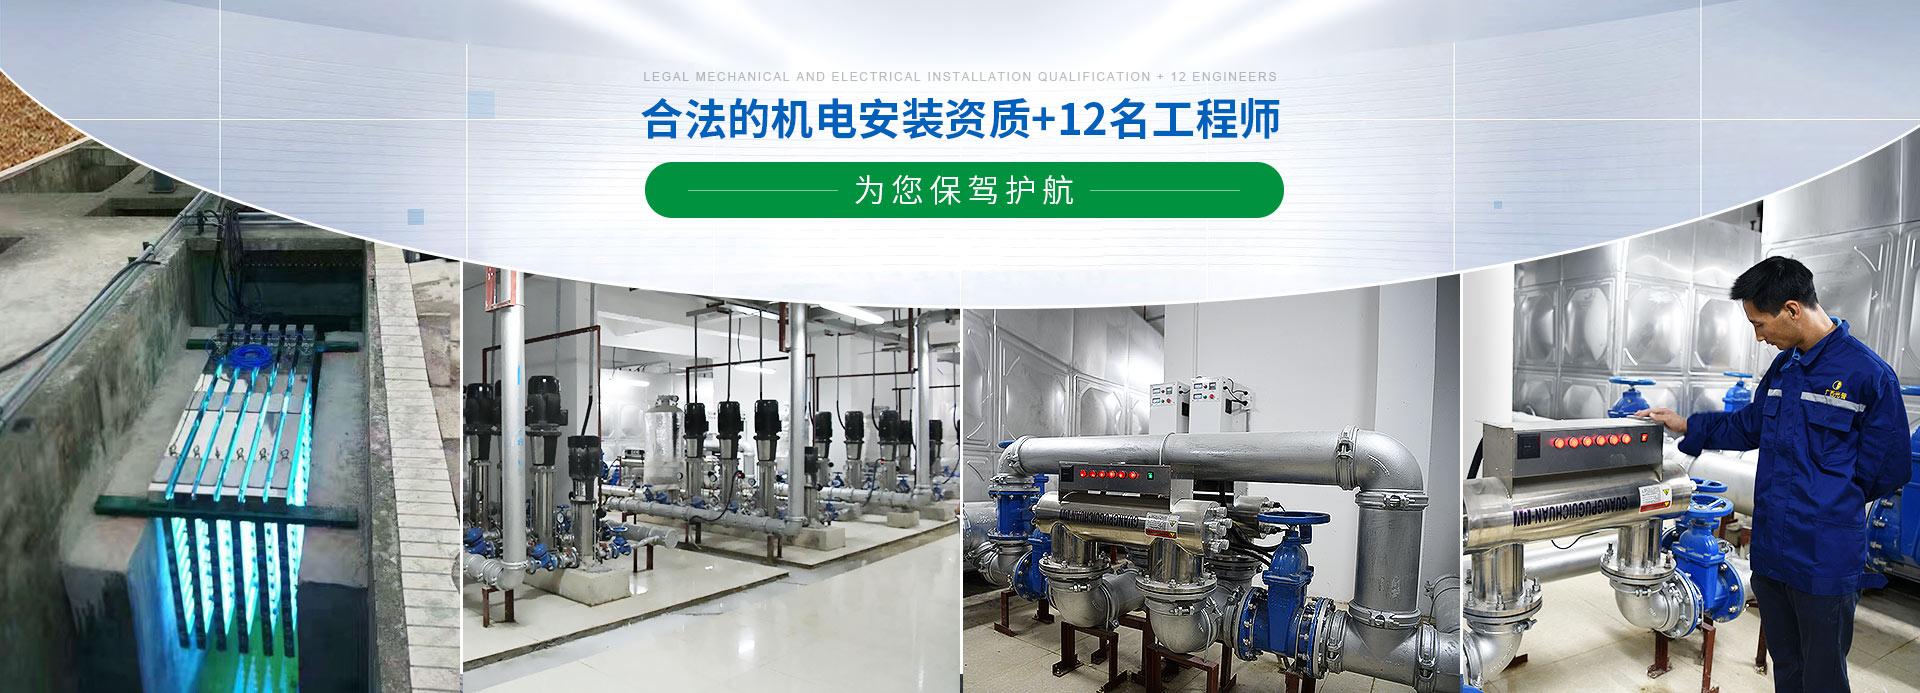 光普桂川-合法的机电安装资质+12名工程师,为您保驾护航